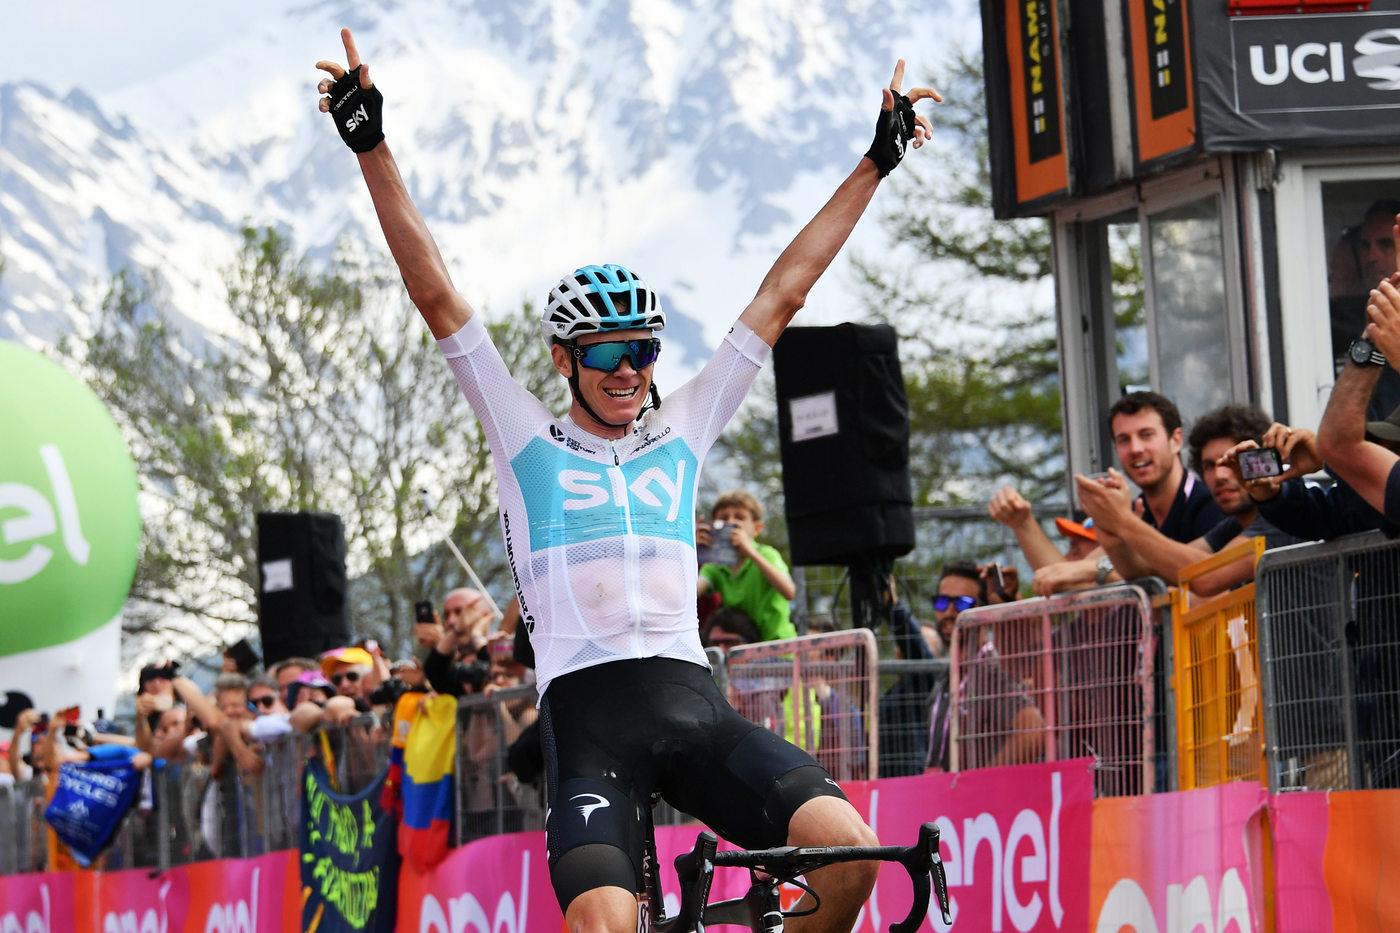 Analisi e pronostico Giro d'Italia 2018 favoriti tappa 20: Froome punta a coronare un'impresa d'altri tempi! Tutti i consigli per provare la cassa insieme al B-Lab!